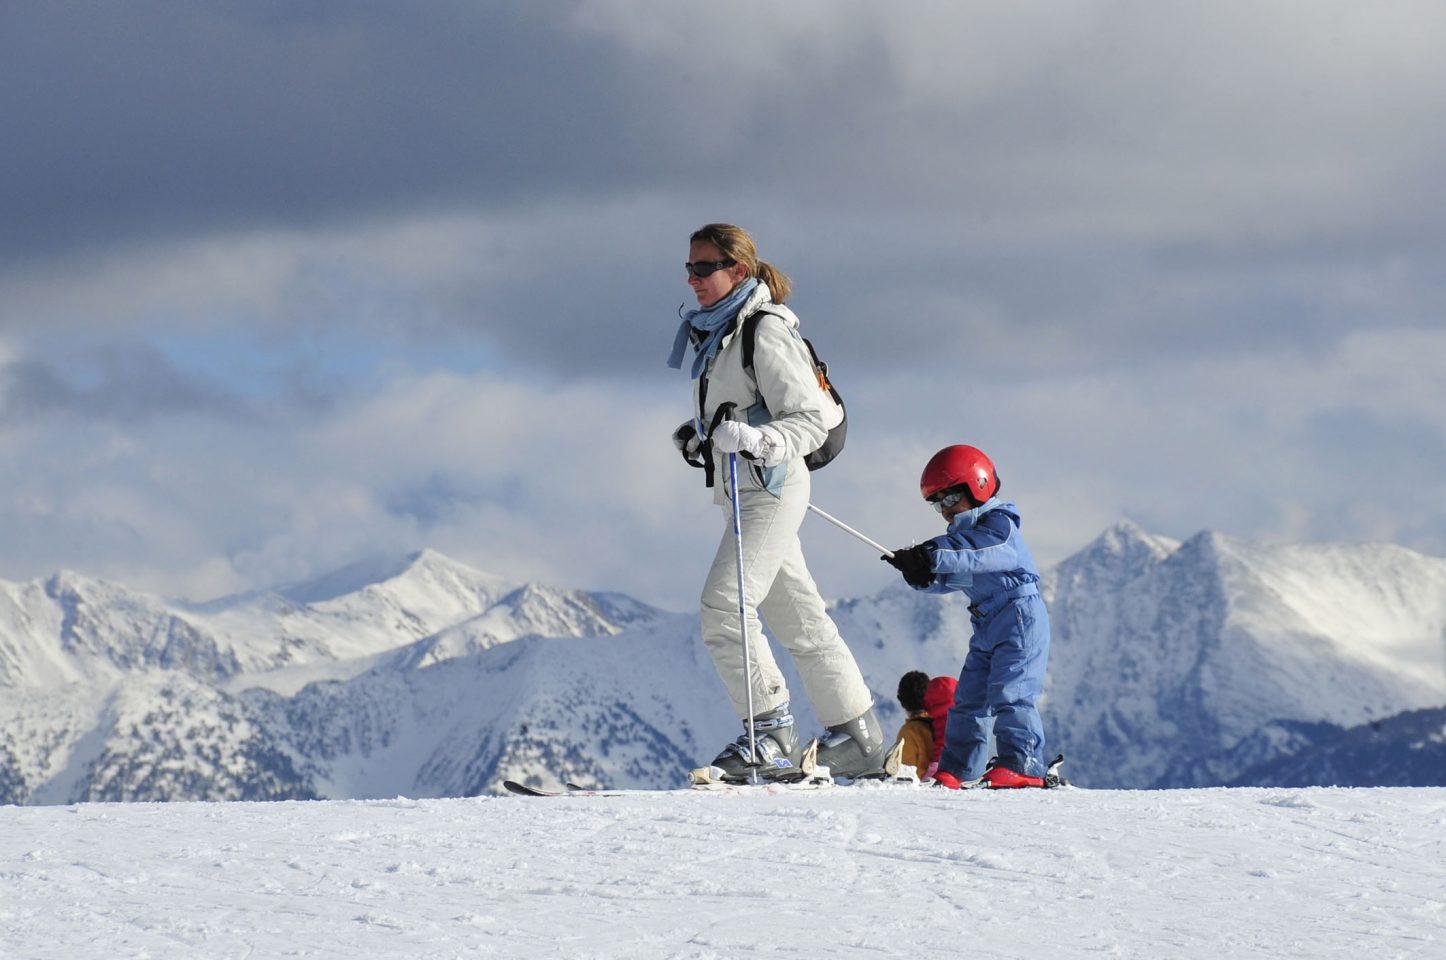 pirineo francés, la mejor opción para esquiar